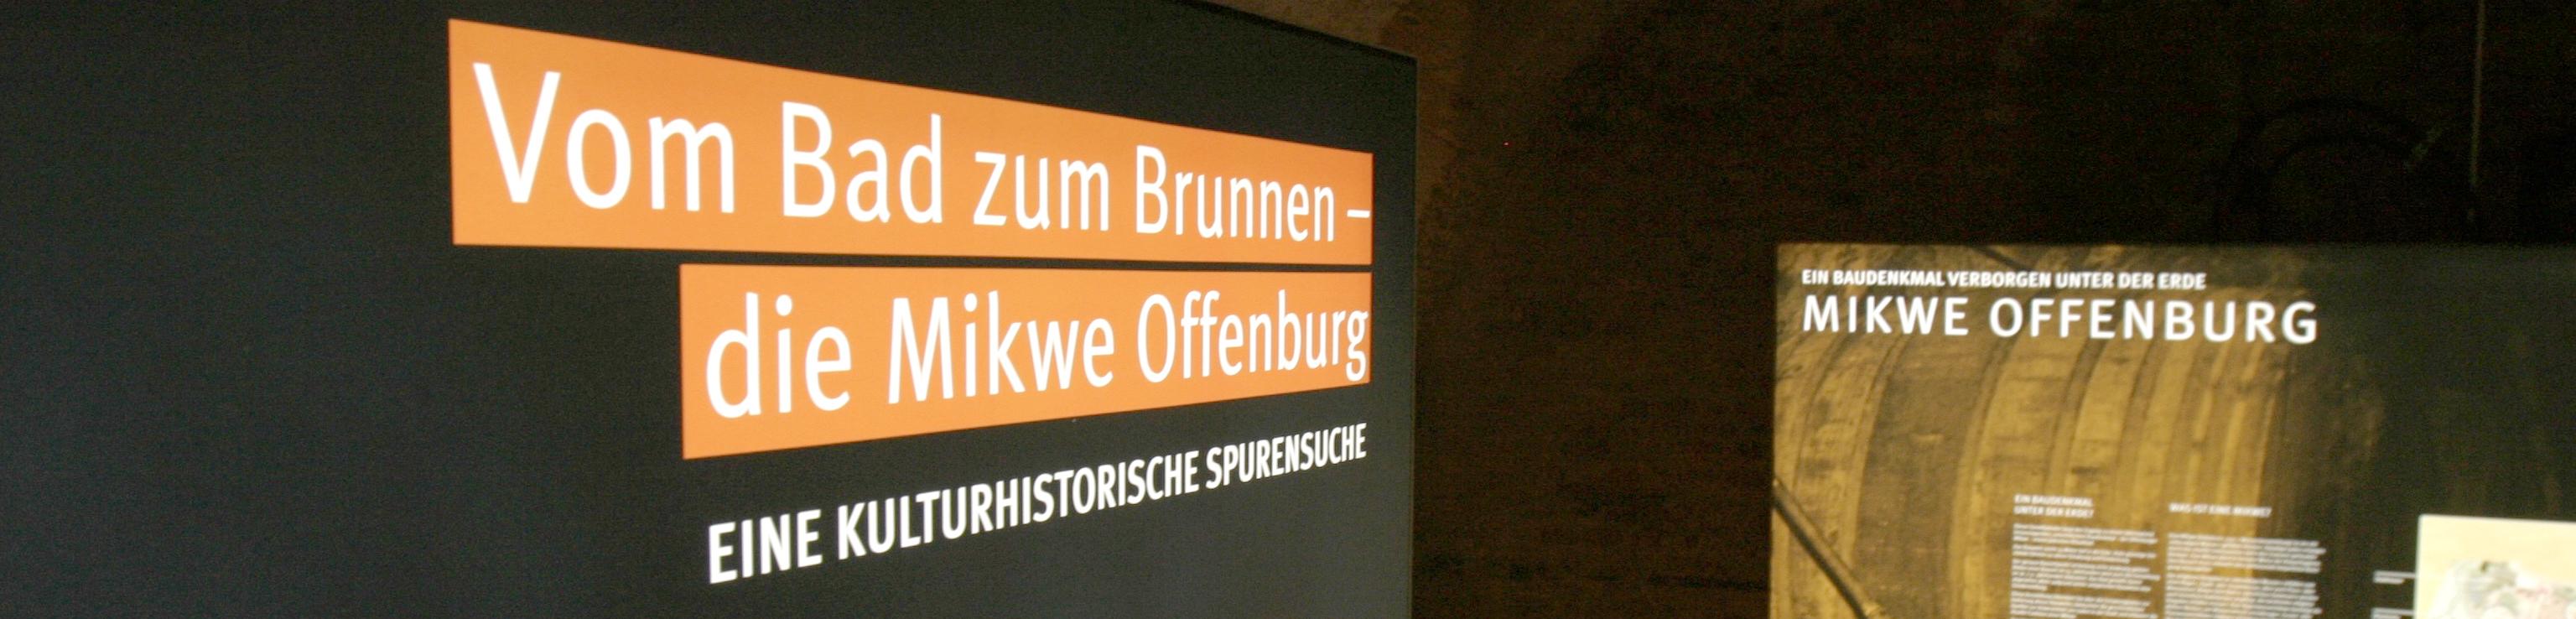 Mikwe Offenburg, Foto: Steffen Krauth